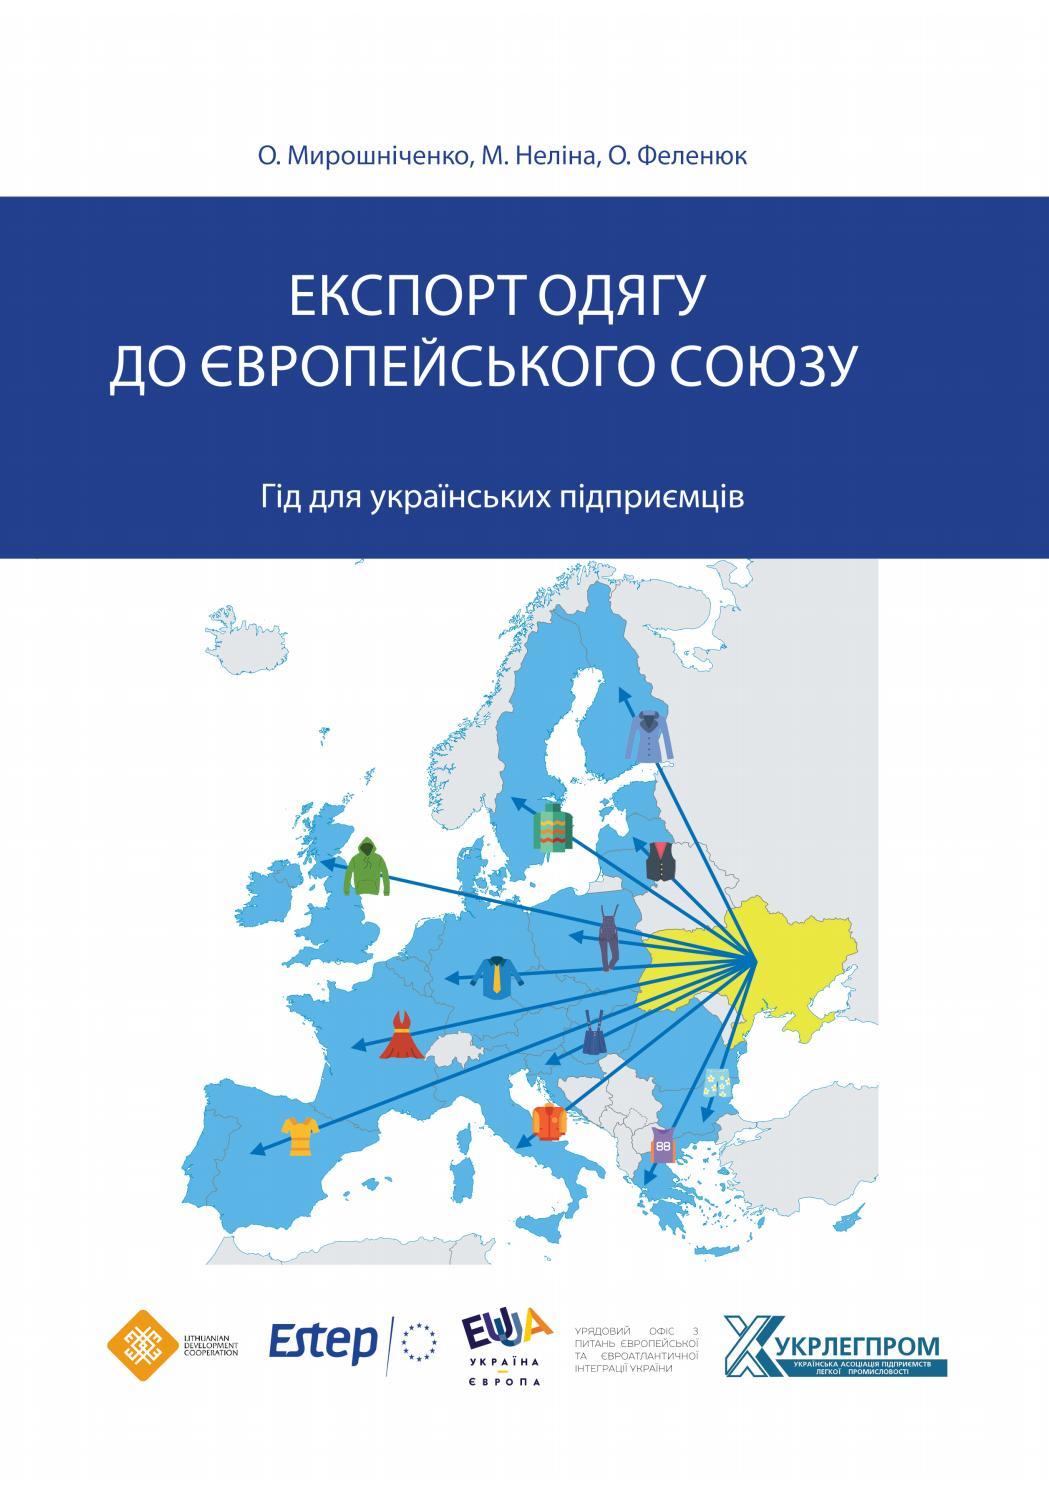 Експорт одягу до єс by Oleh Myroshnichenko - issuu 4a61eee6bca56